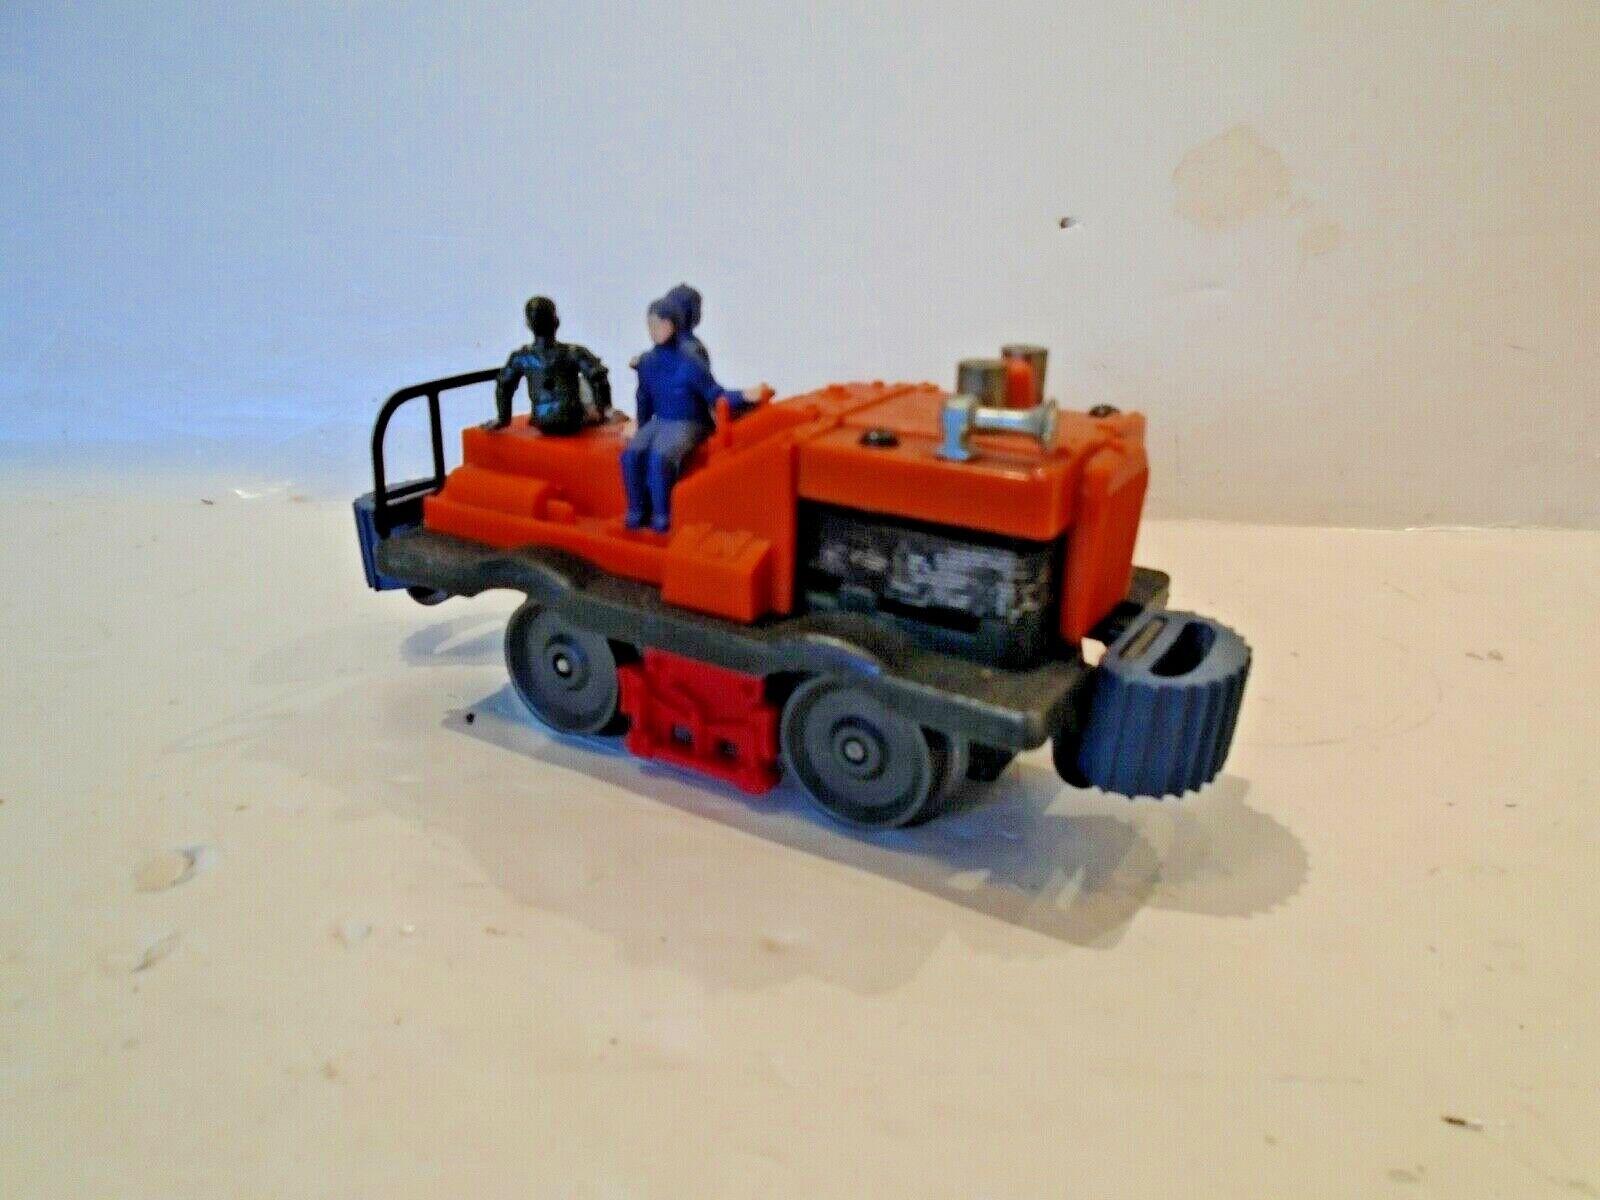 Lionel Postwar Track Inspection Vehicle - $24.95